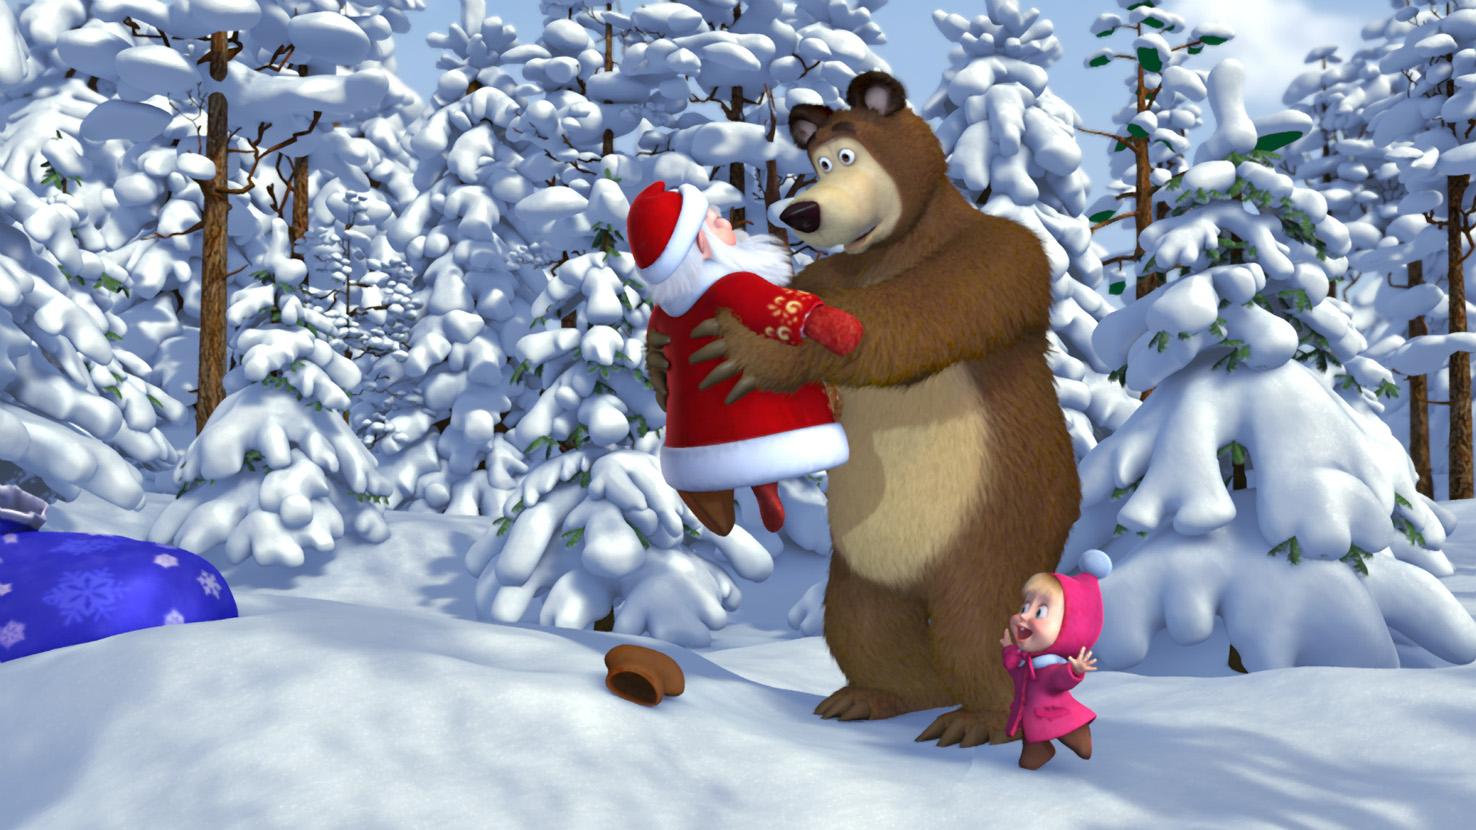 Маша и Медведь и дед Мороз - C наступающим новым годом 2018 поздравительные картинки